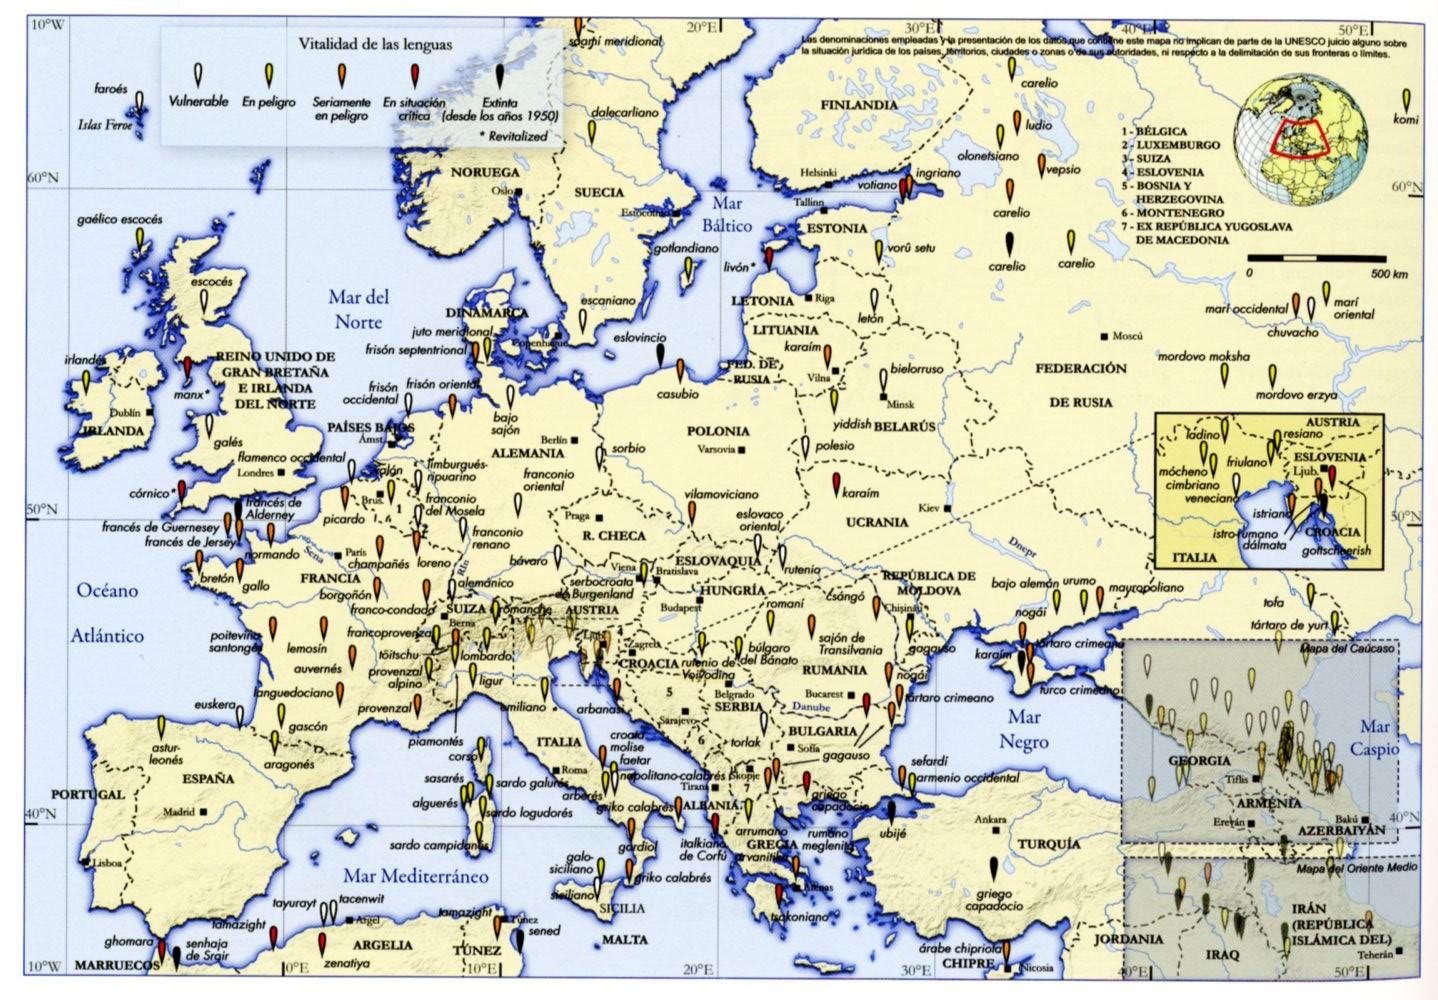 Mapa de las lenguas en peligro de Europa. Del Atlas de las lenguas del mundo en peligro, 2ª edición, París, UNESCO, 2010. p.25